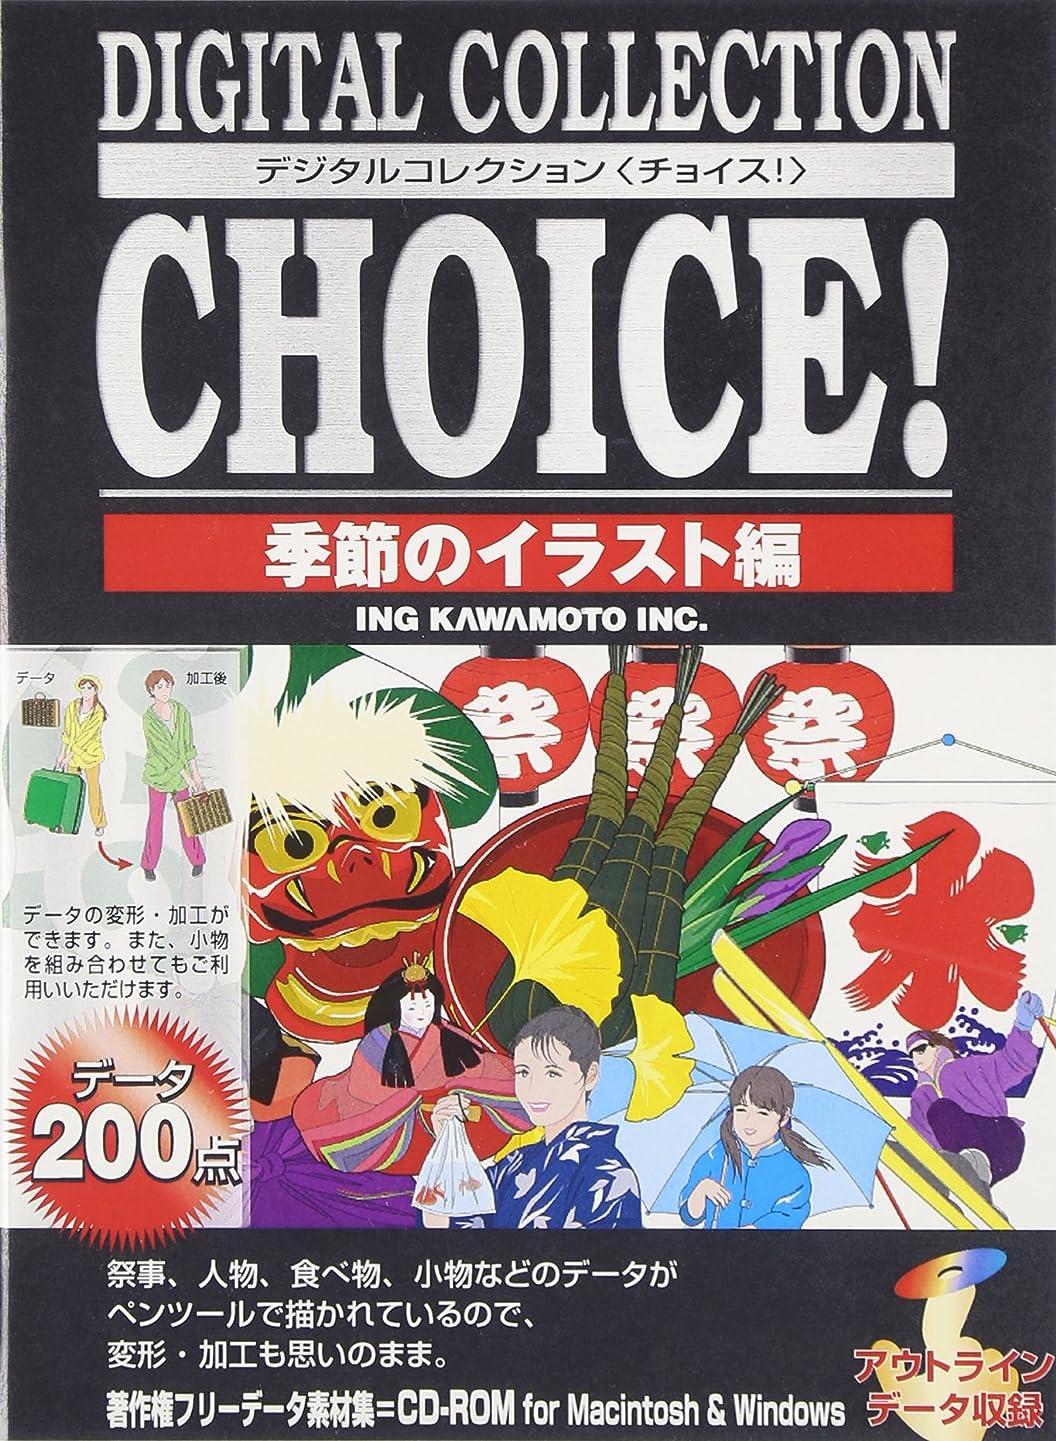 限定取り囲む地雷原Digital Collection Choice! No.13 季節のイラスト編